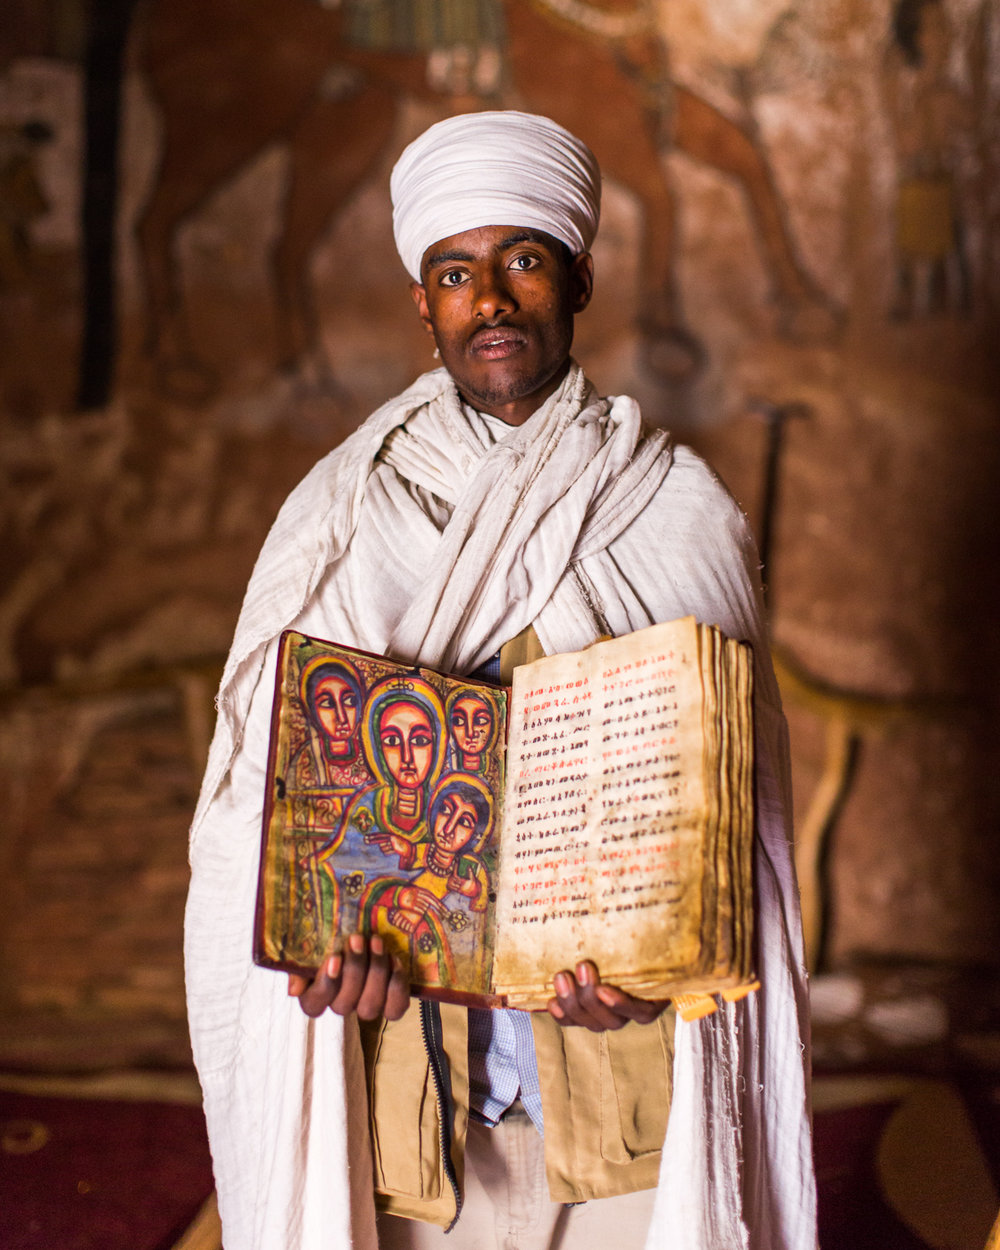 Ethiopia_Abu_Yemata-3.jpg